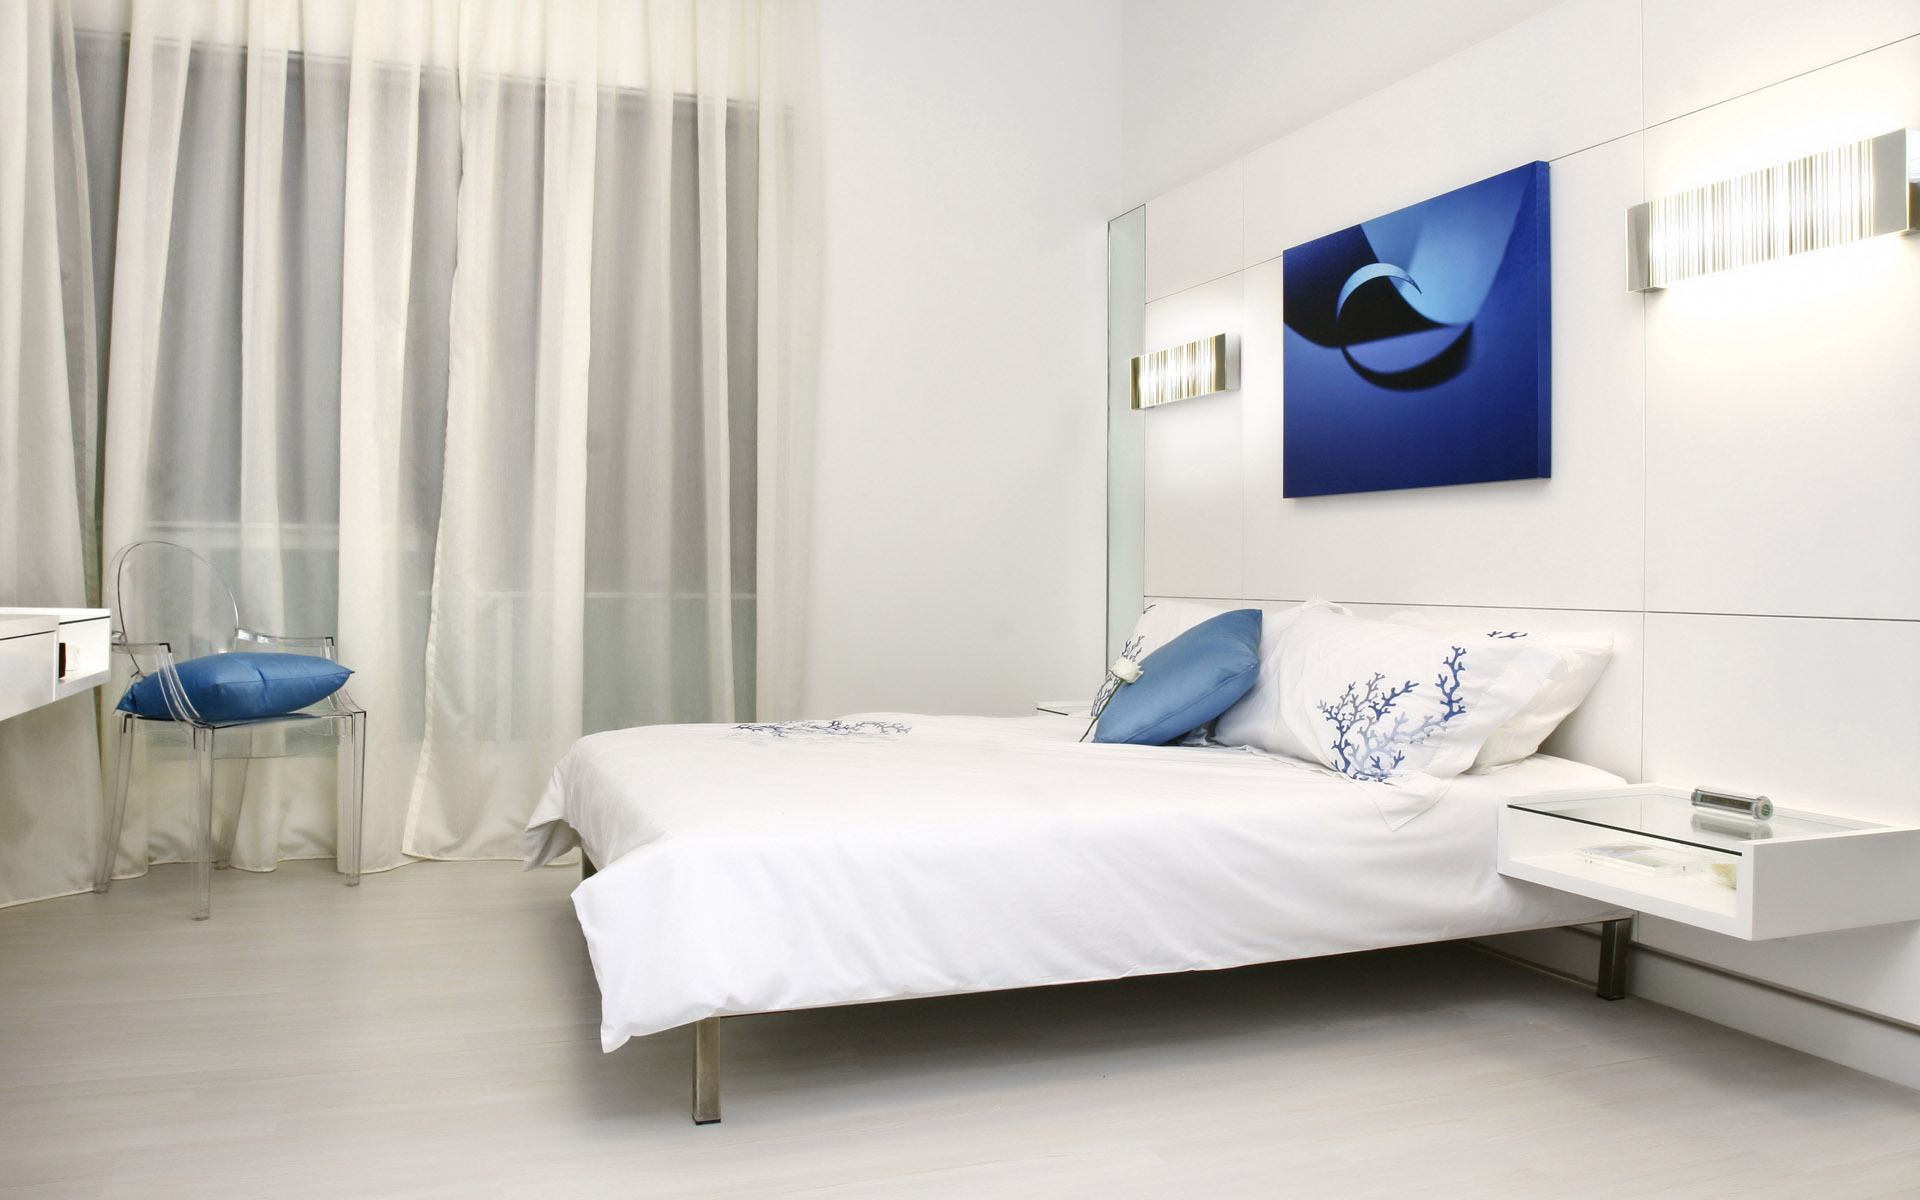 Бело-синяя спальня по фэн-шуй